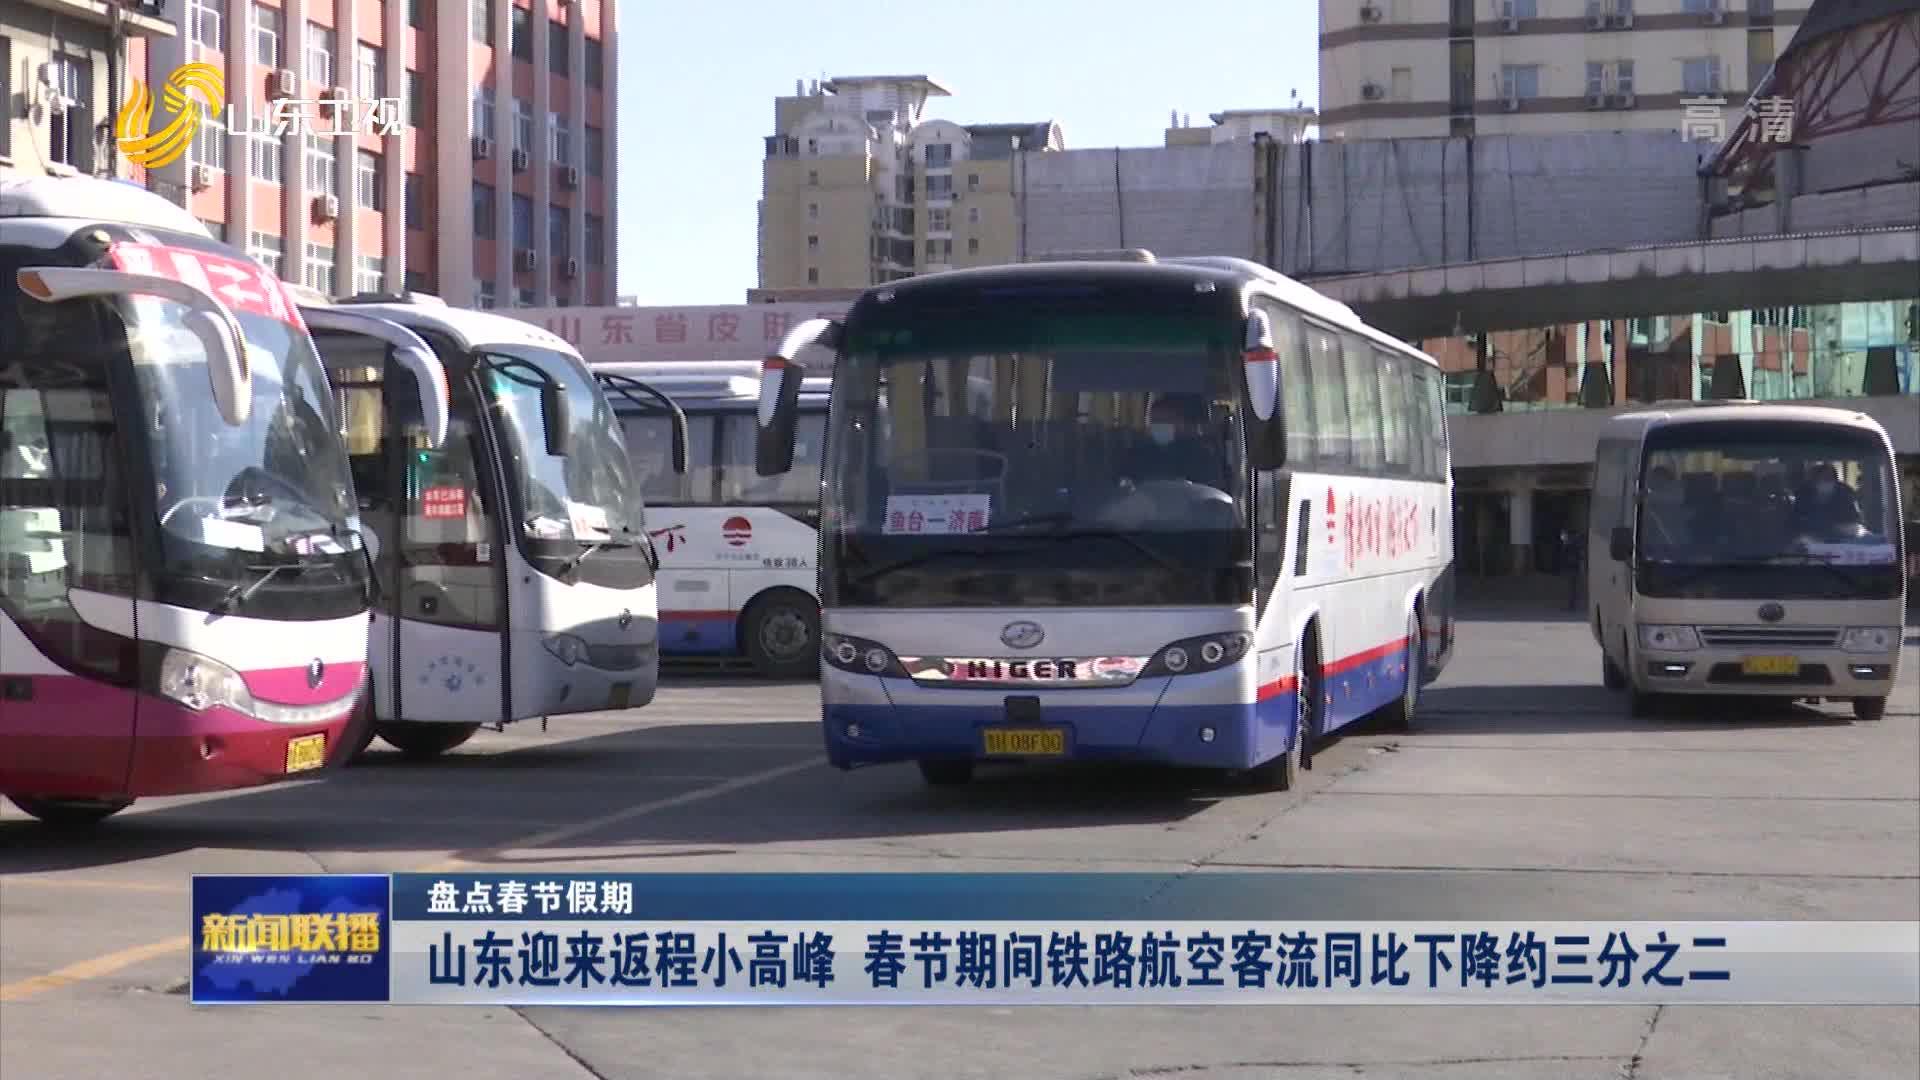 【盘点春节假期】山东迎来返程小高峰 春节期间铁路航空客流同比下降约三分之二